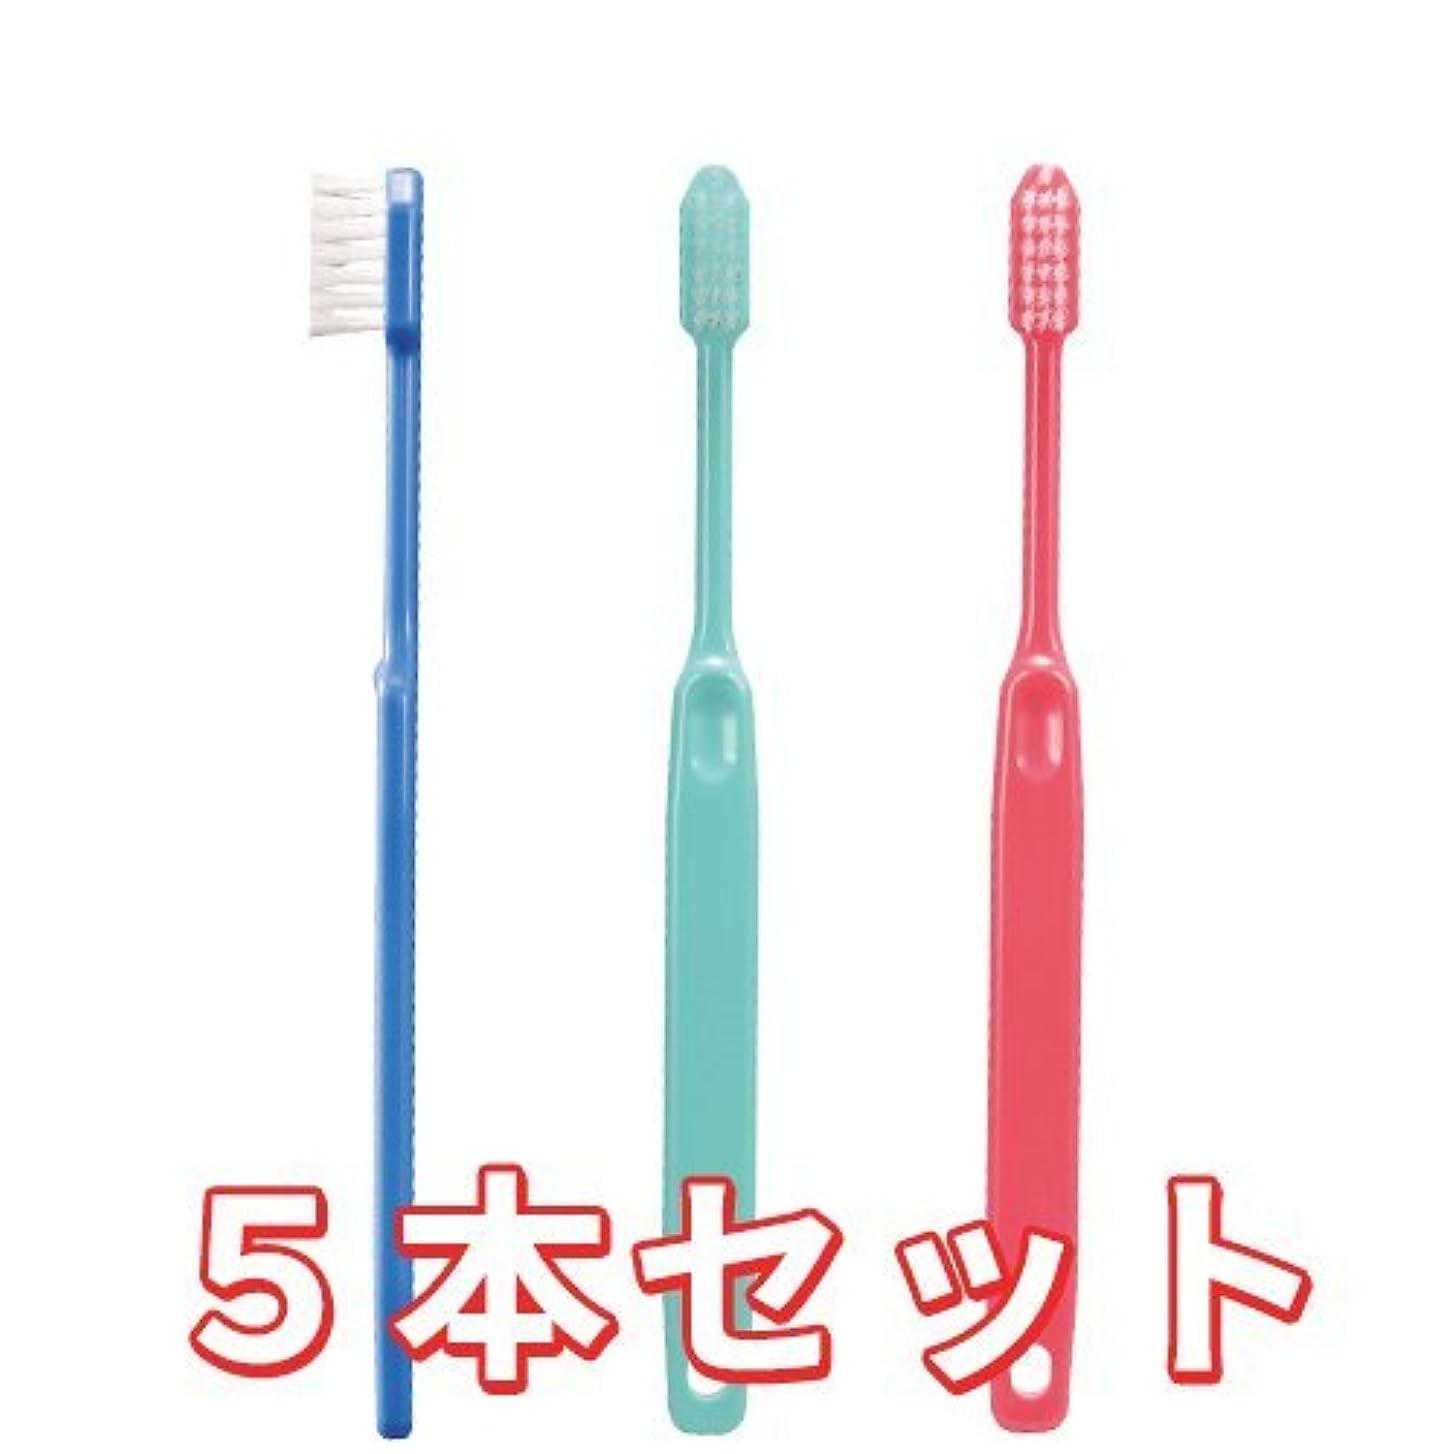 センブランスデクリメント破滅Ciメディカル 歯ブラシ コンパクトヘッド 疎毛タイプ アソート 5本 (Ci21(かため))